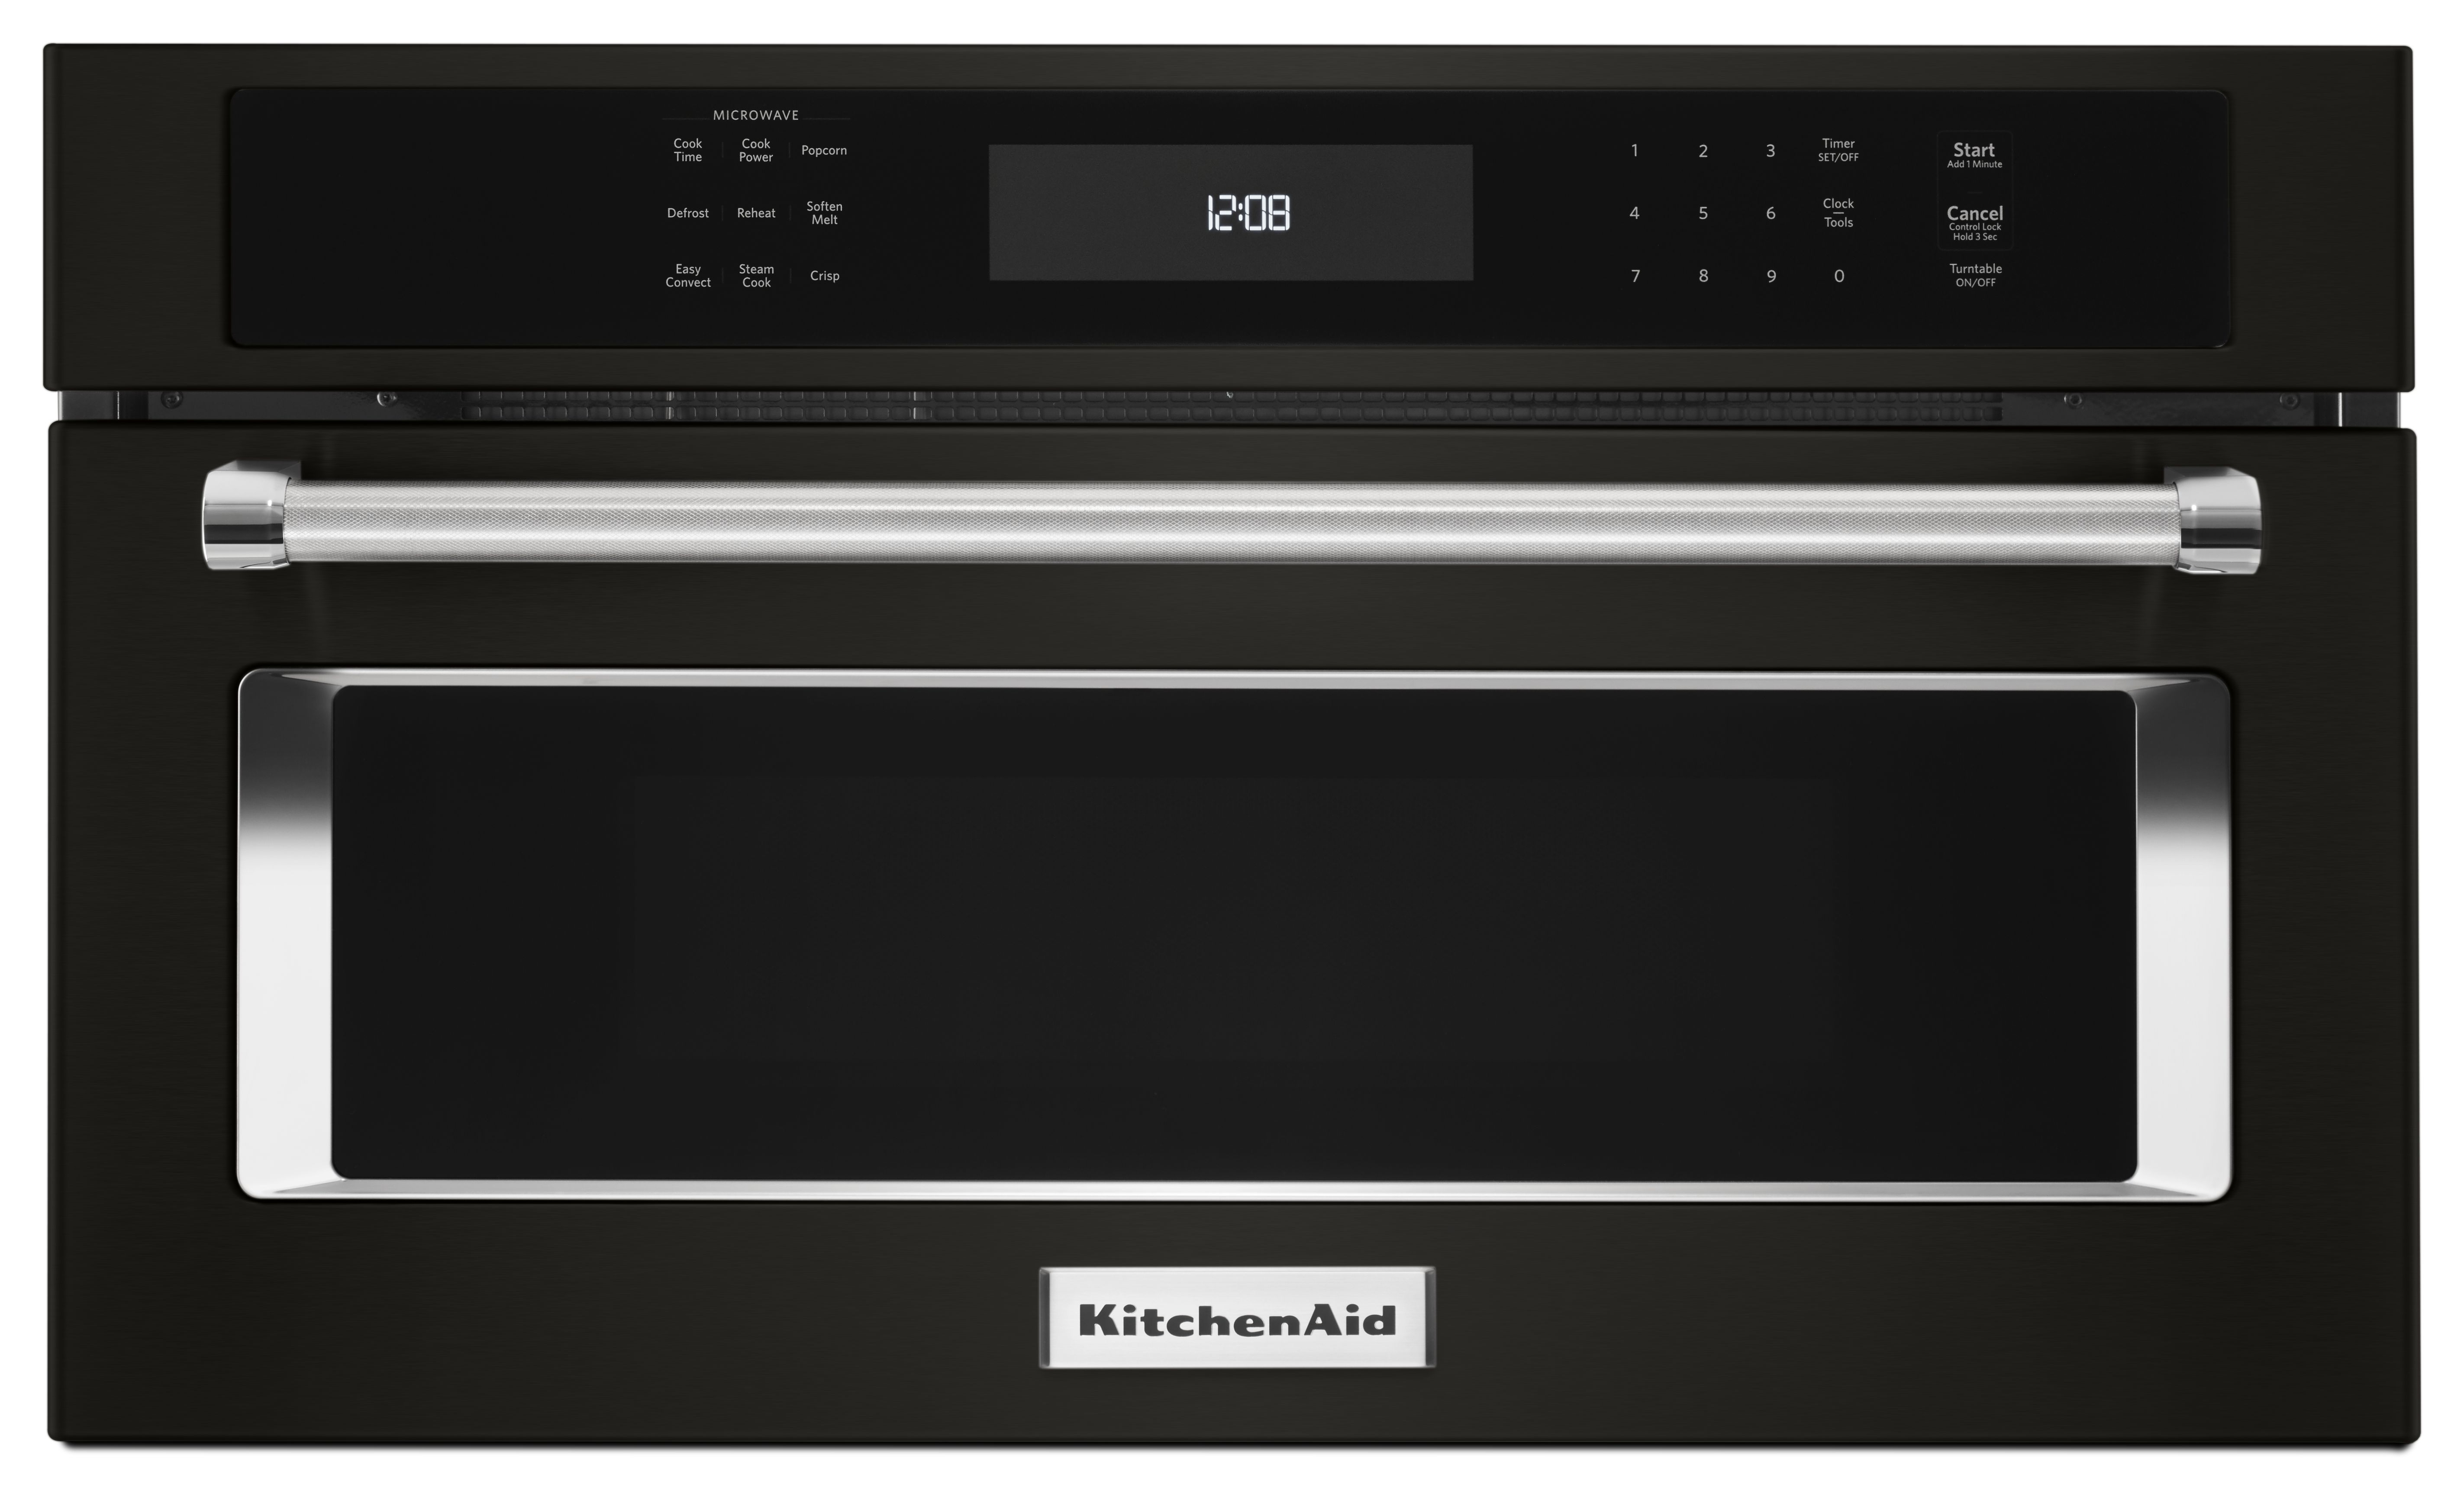 kitchenaid black stainless refrigerator platinum kitchenaid built in microwave ovenblack stainless steelkmbp100ebs black steel